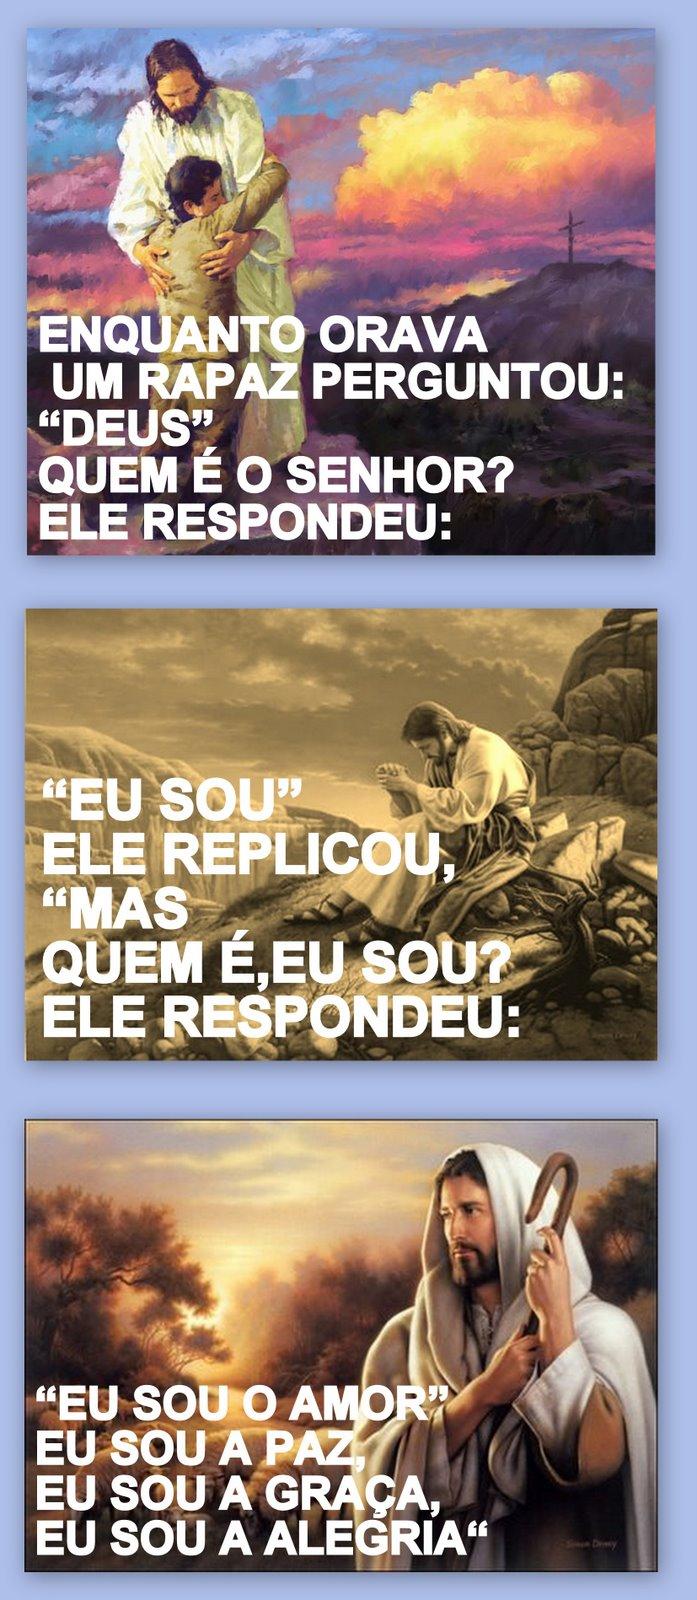 MENSAGENS DO CORAÇAO DE DEUS AS CRIANÇAS .